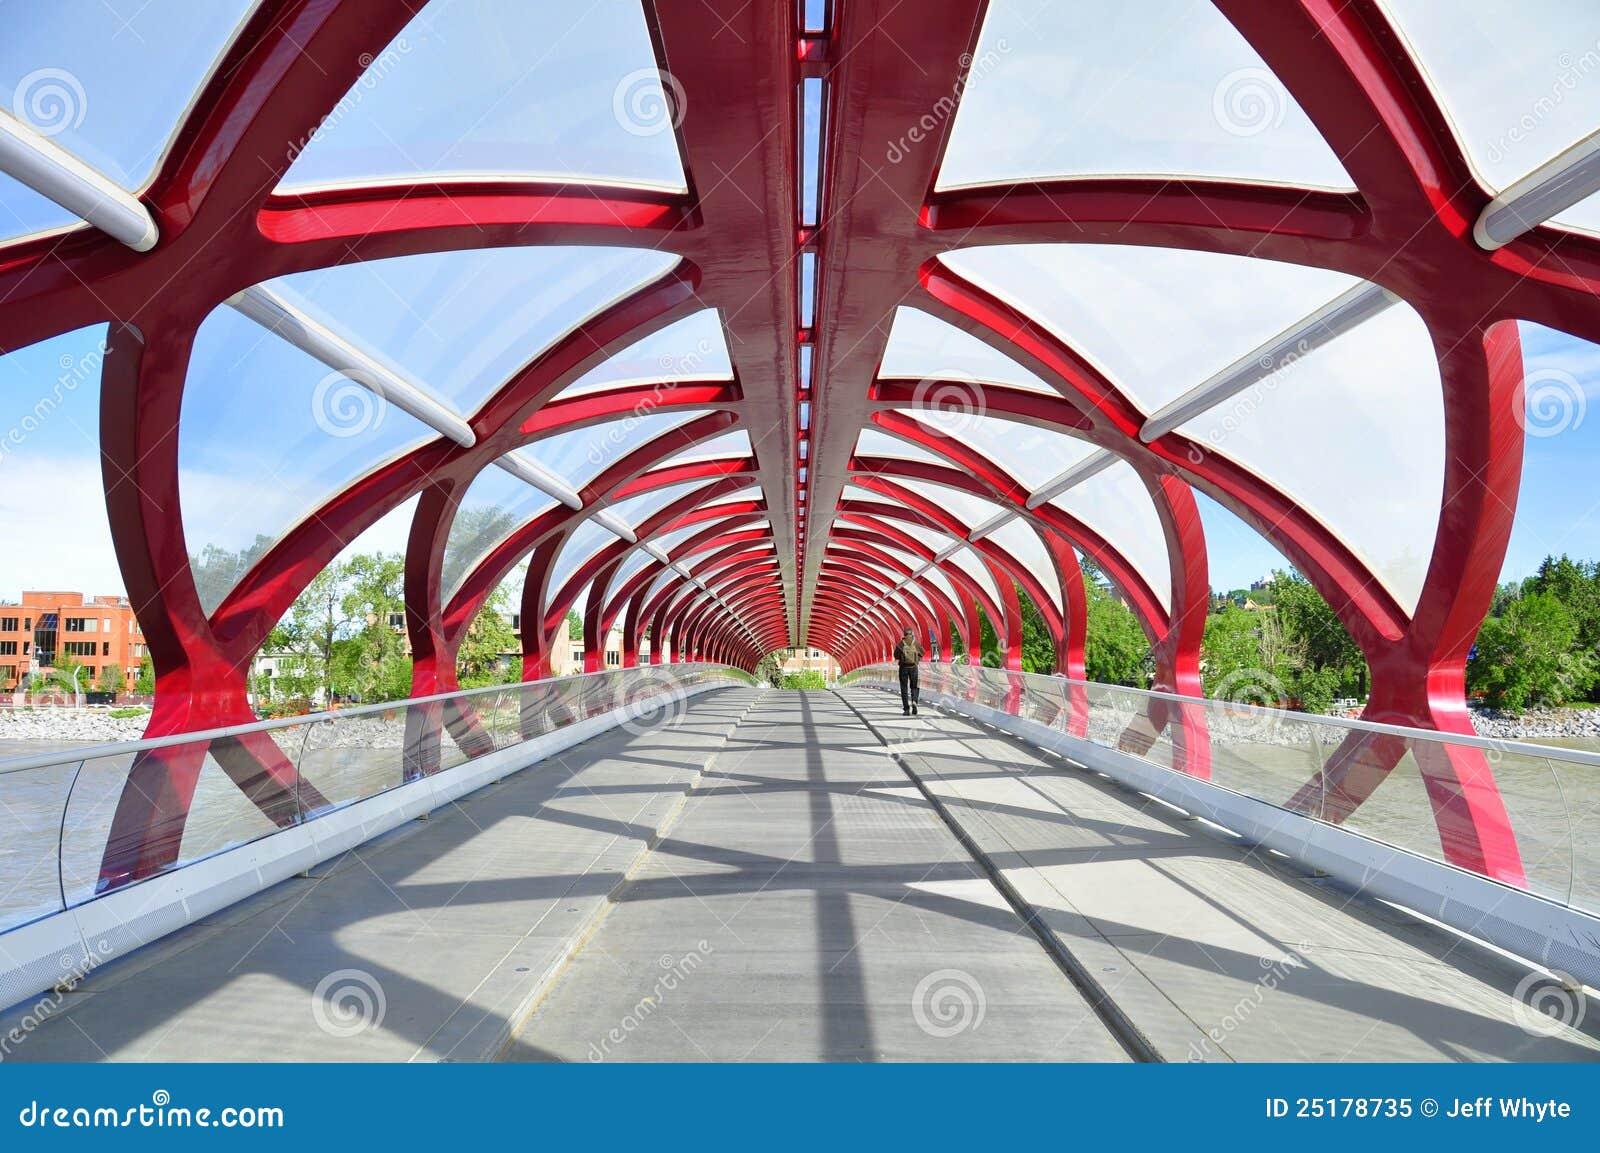 Calgary s Peace Bridge